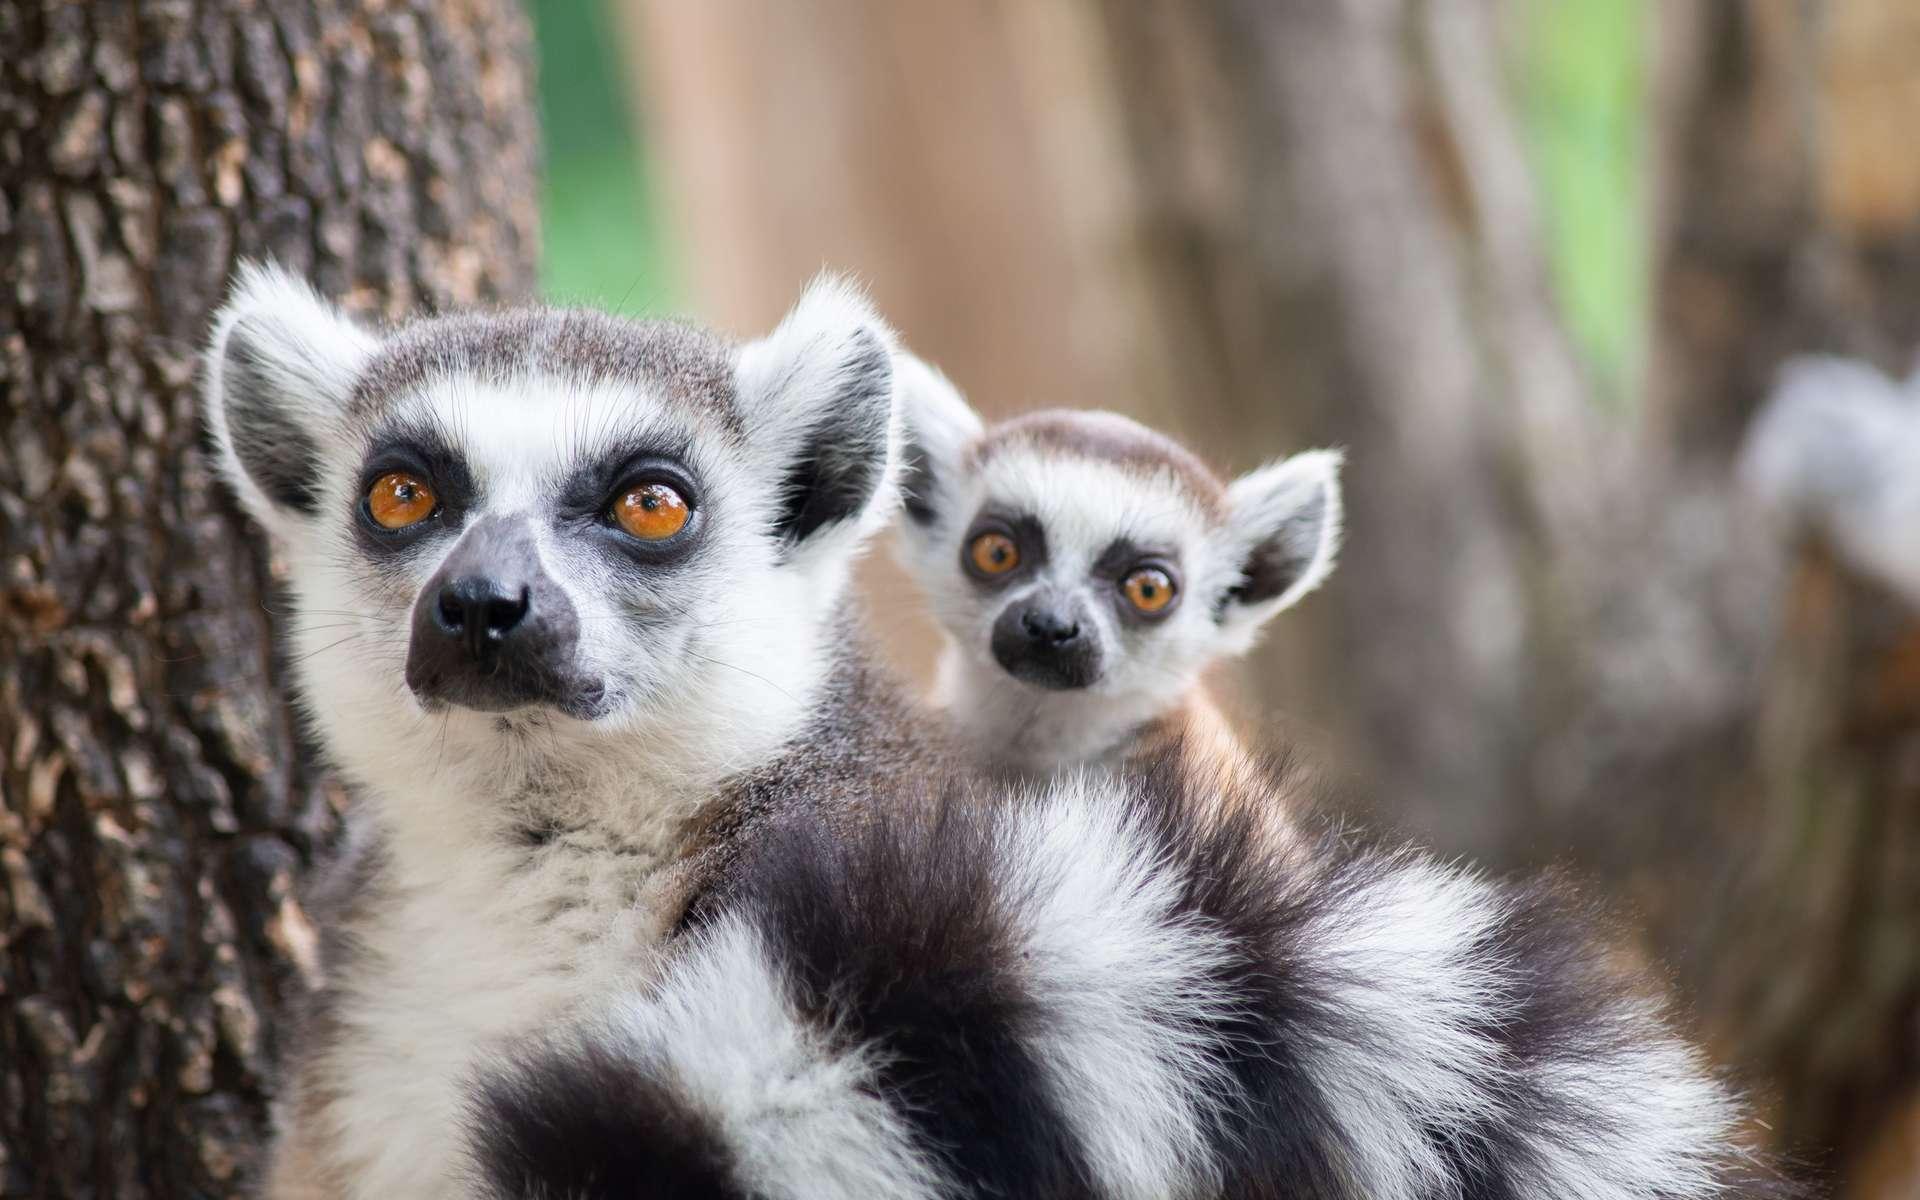 Principalement en raison de la déforestation et de la chasse, 103 des 107 espèces de lémuriens sont menacées. © MaZiKab, Adobe Stock